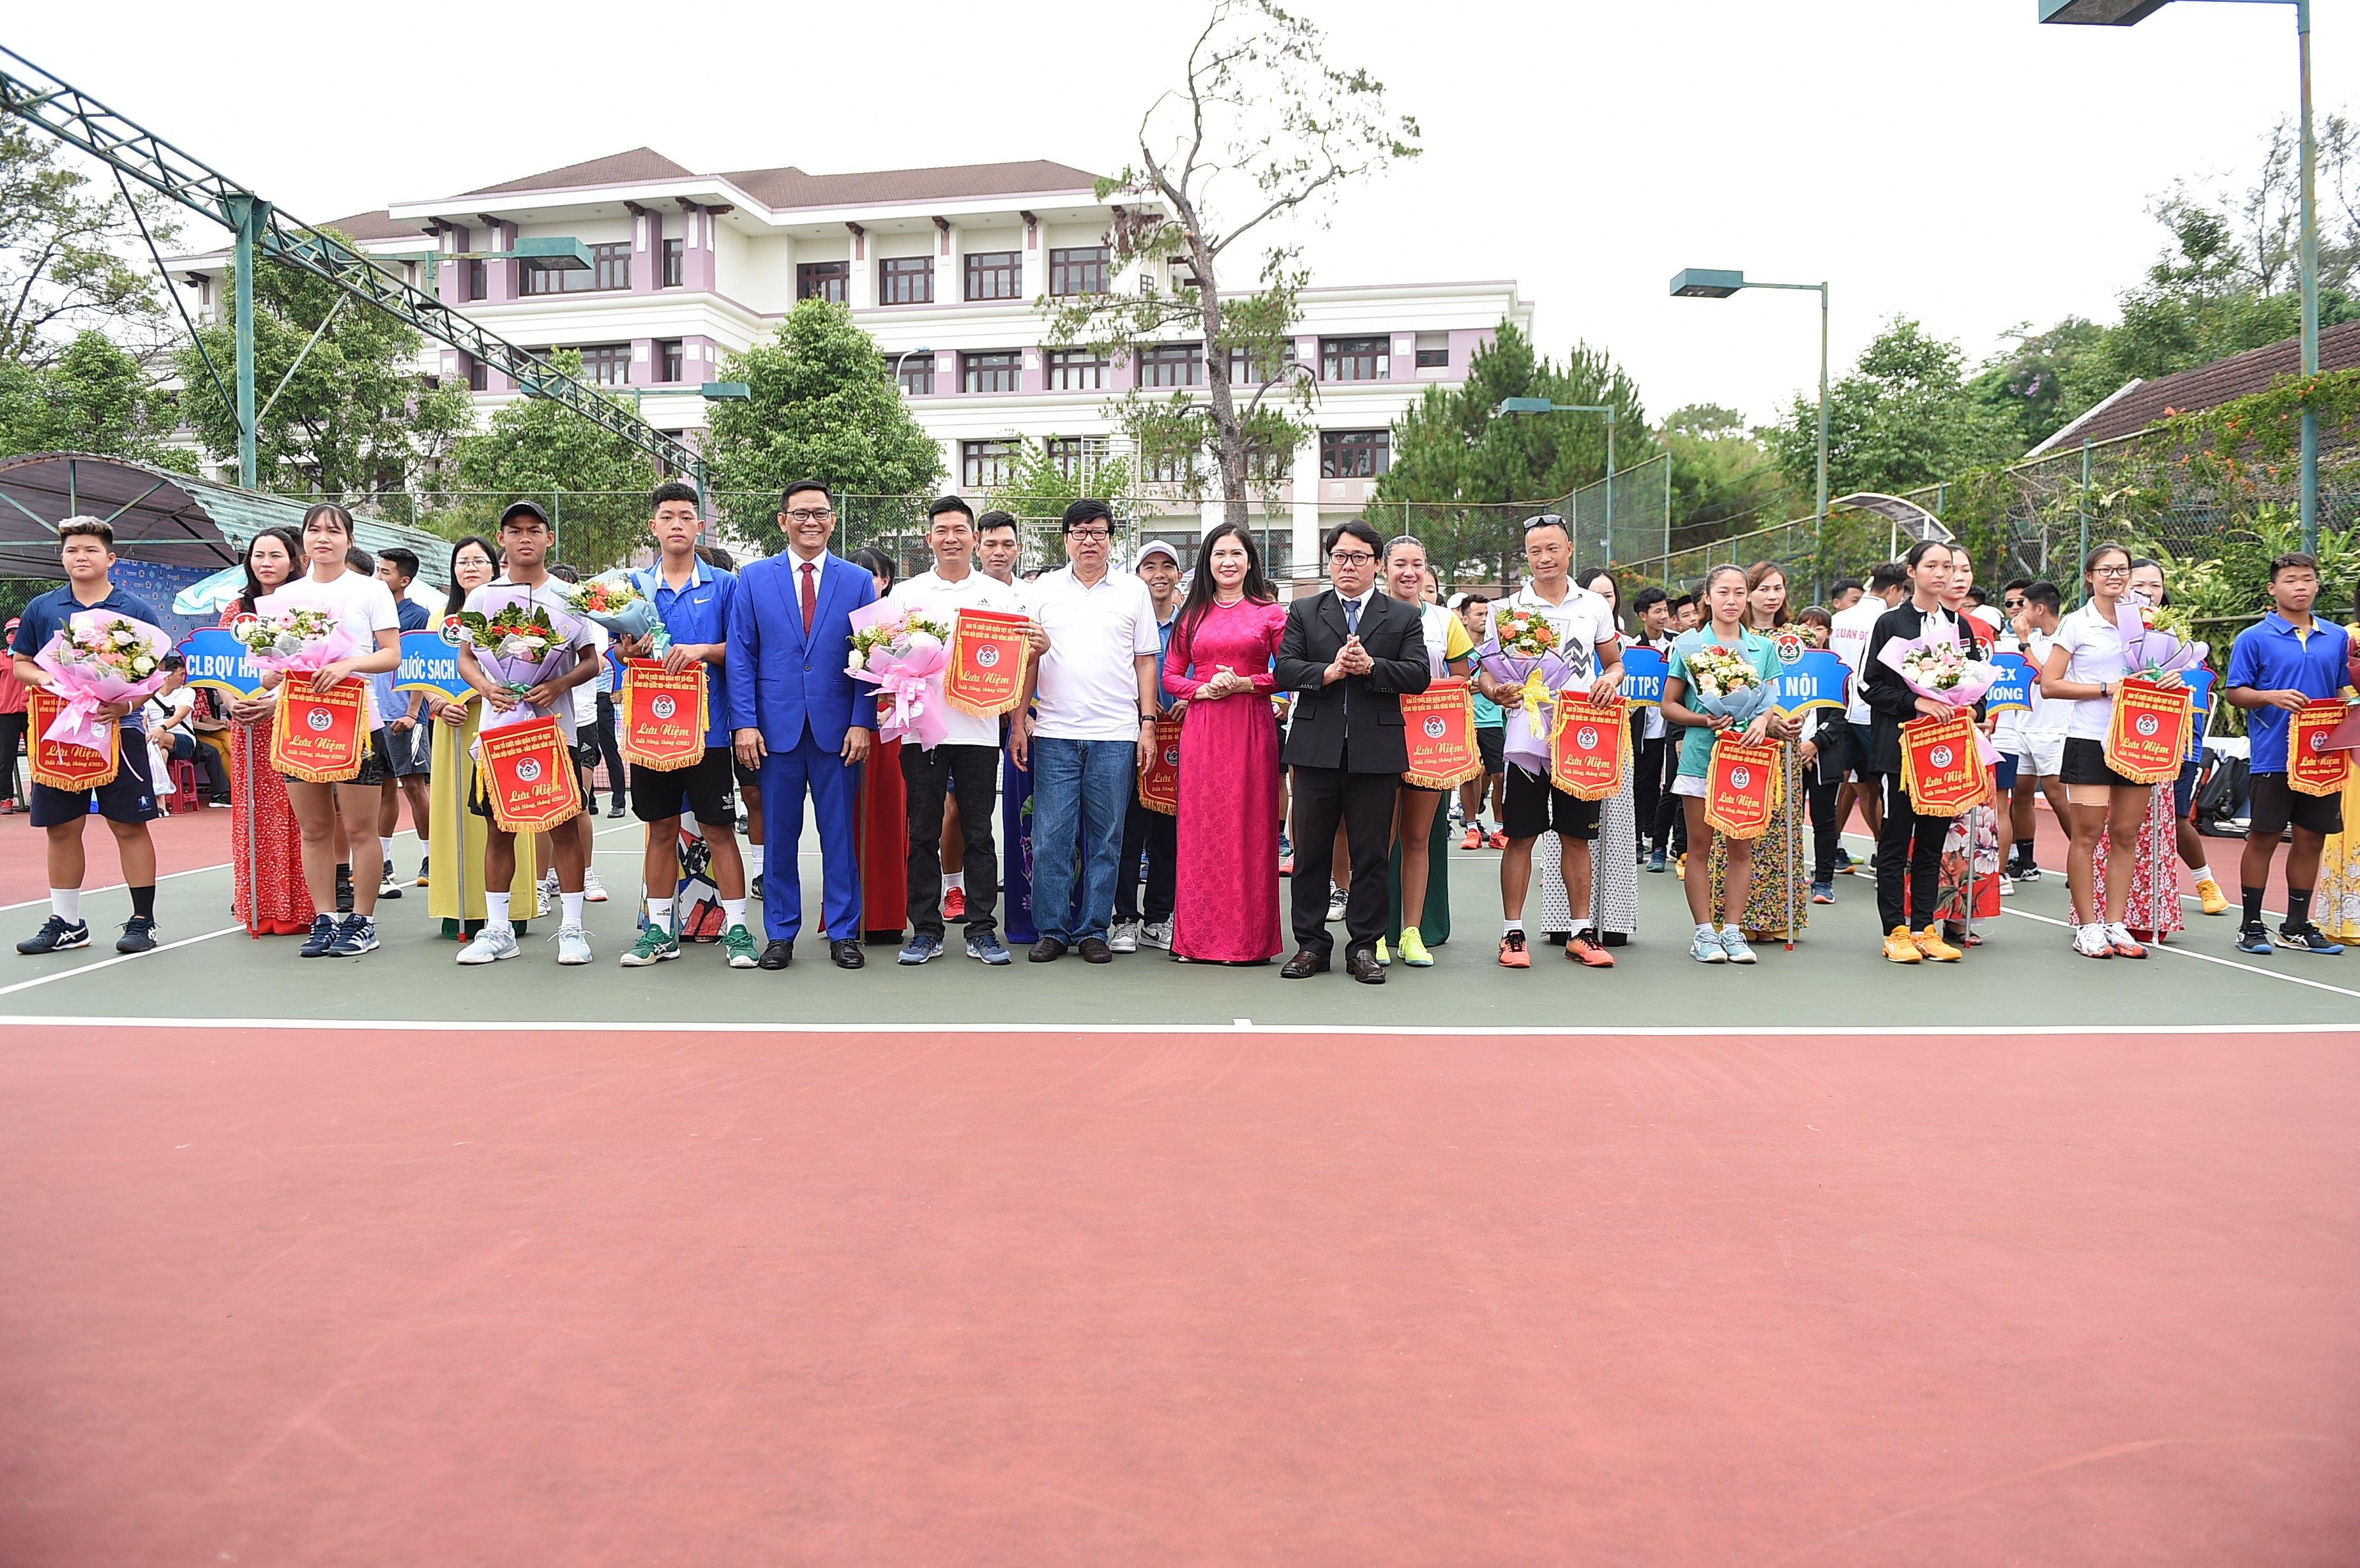 Hình ảnh: Giải quần vợt Vô địch Đồng đội Quốc gia – Đăk Nông 2021: TP.HCM khởi đầu thuận lợi số 2